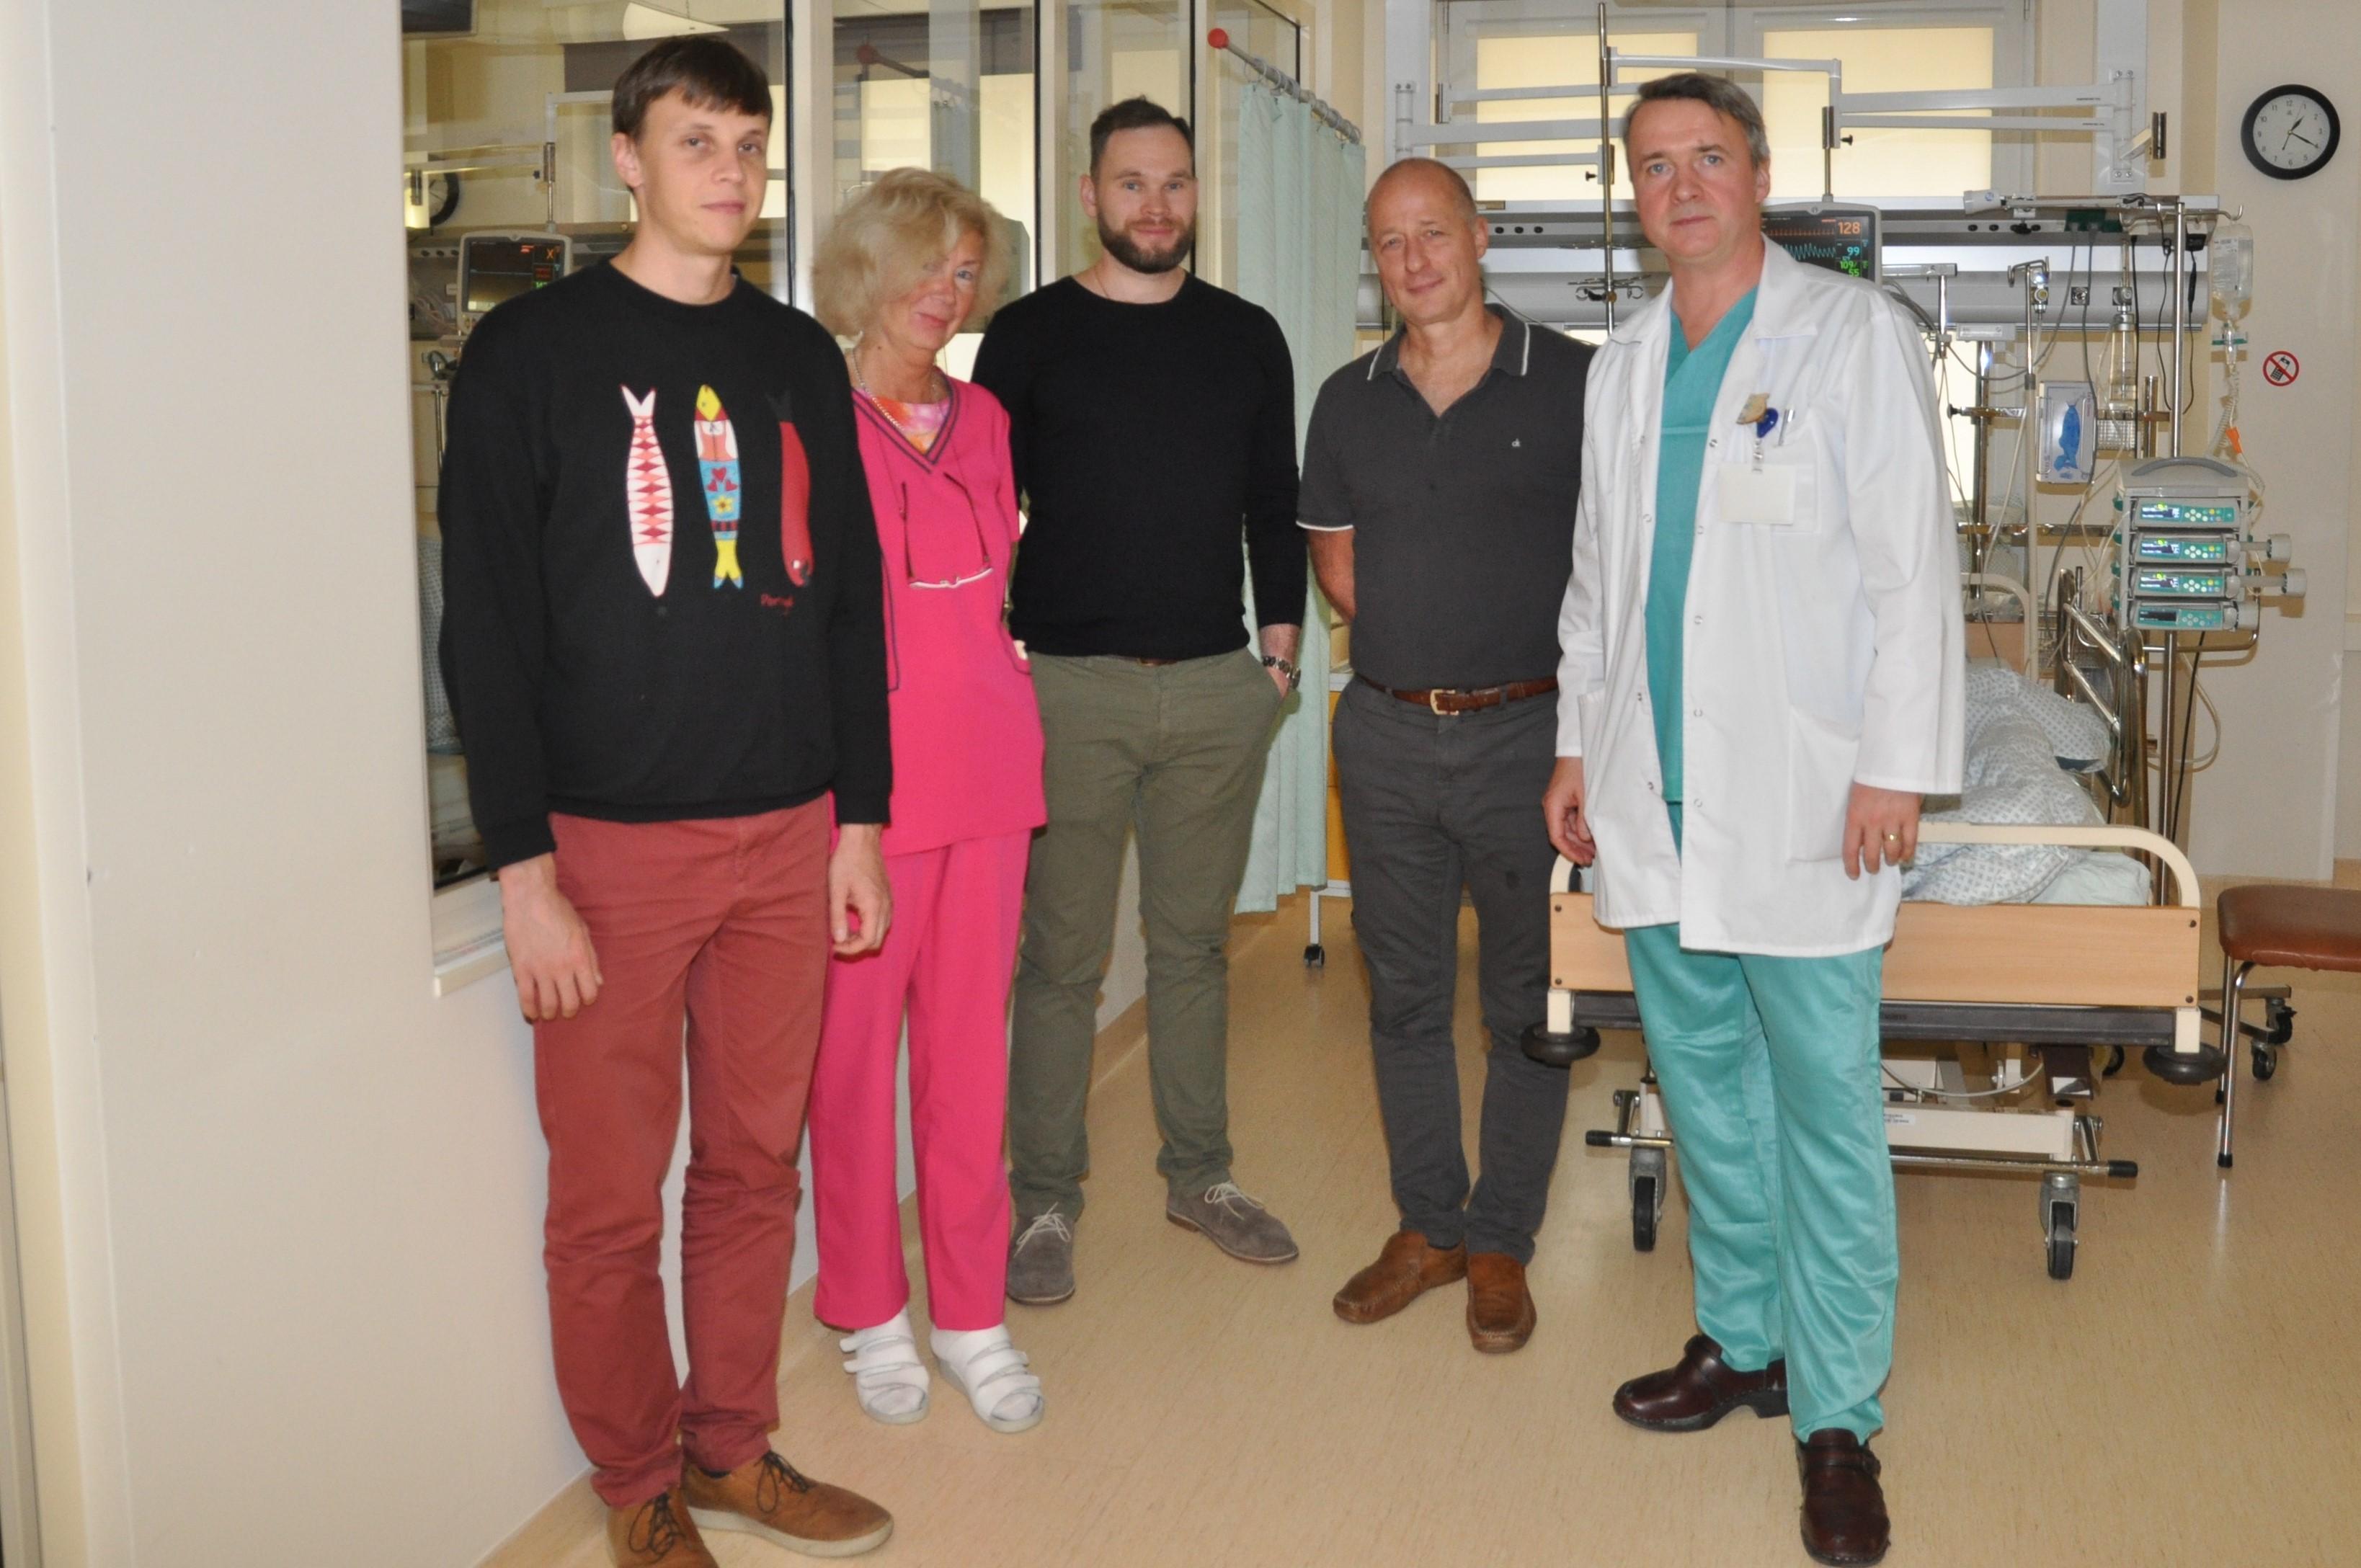 Kaip hipertenzija gydoma ligoninėje?)